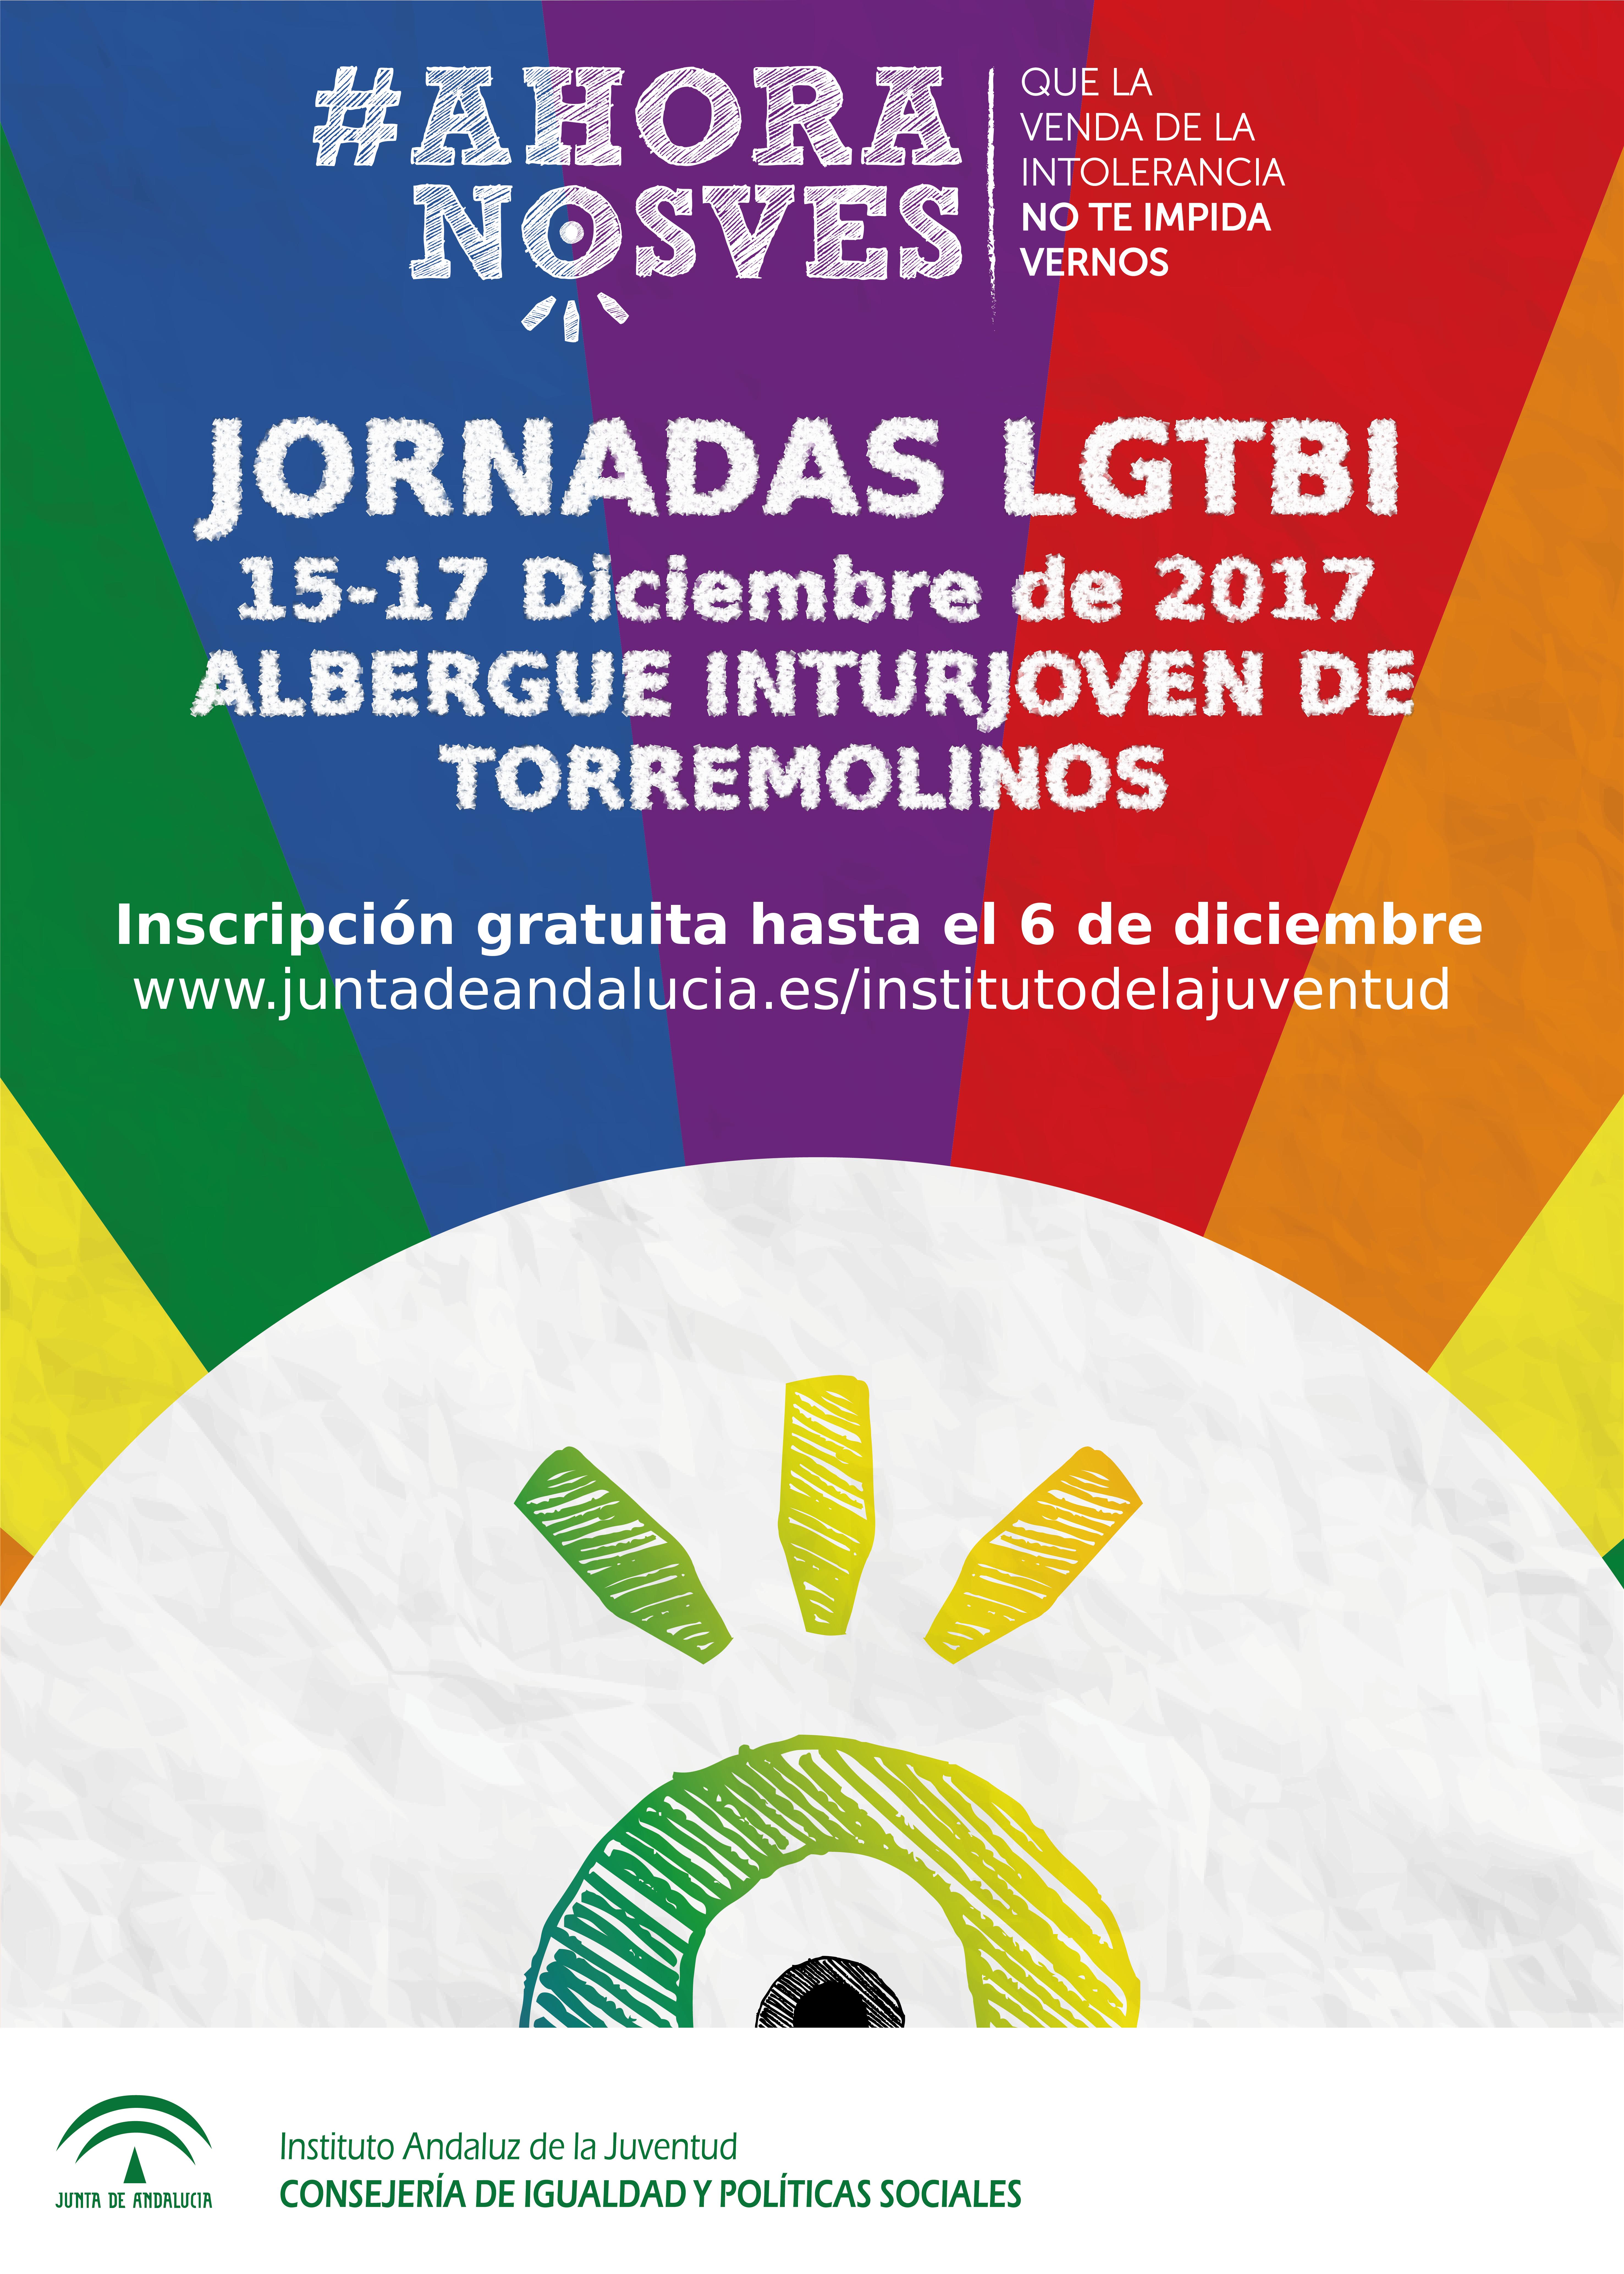 El Giraldillo - Todos los eventos del 16 de Diciembre en Andalucía